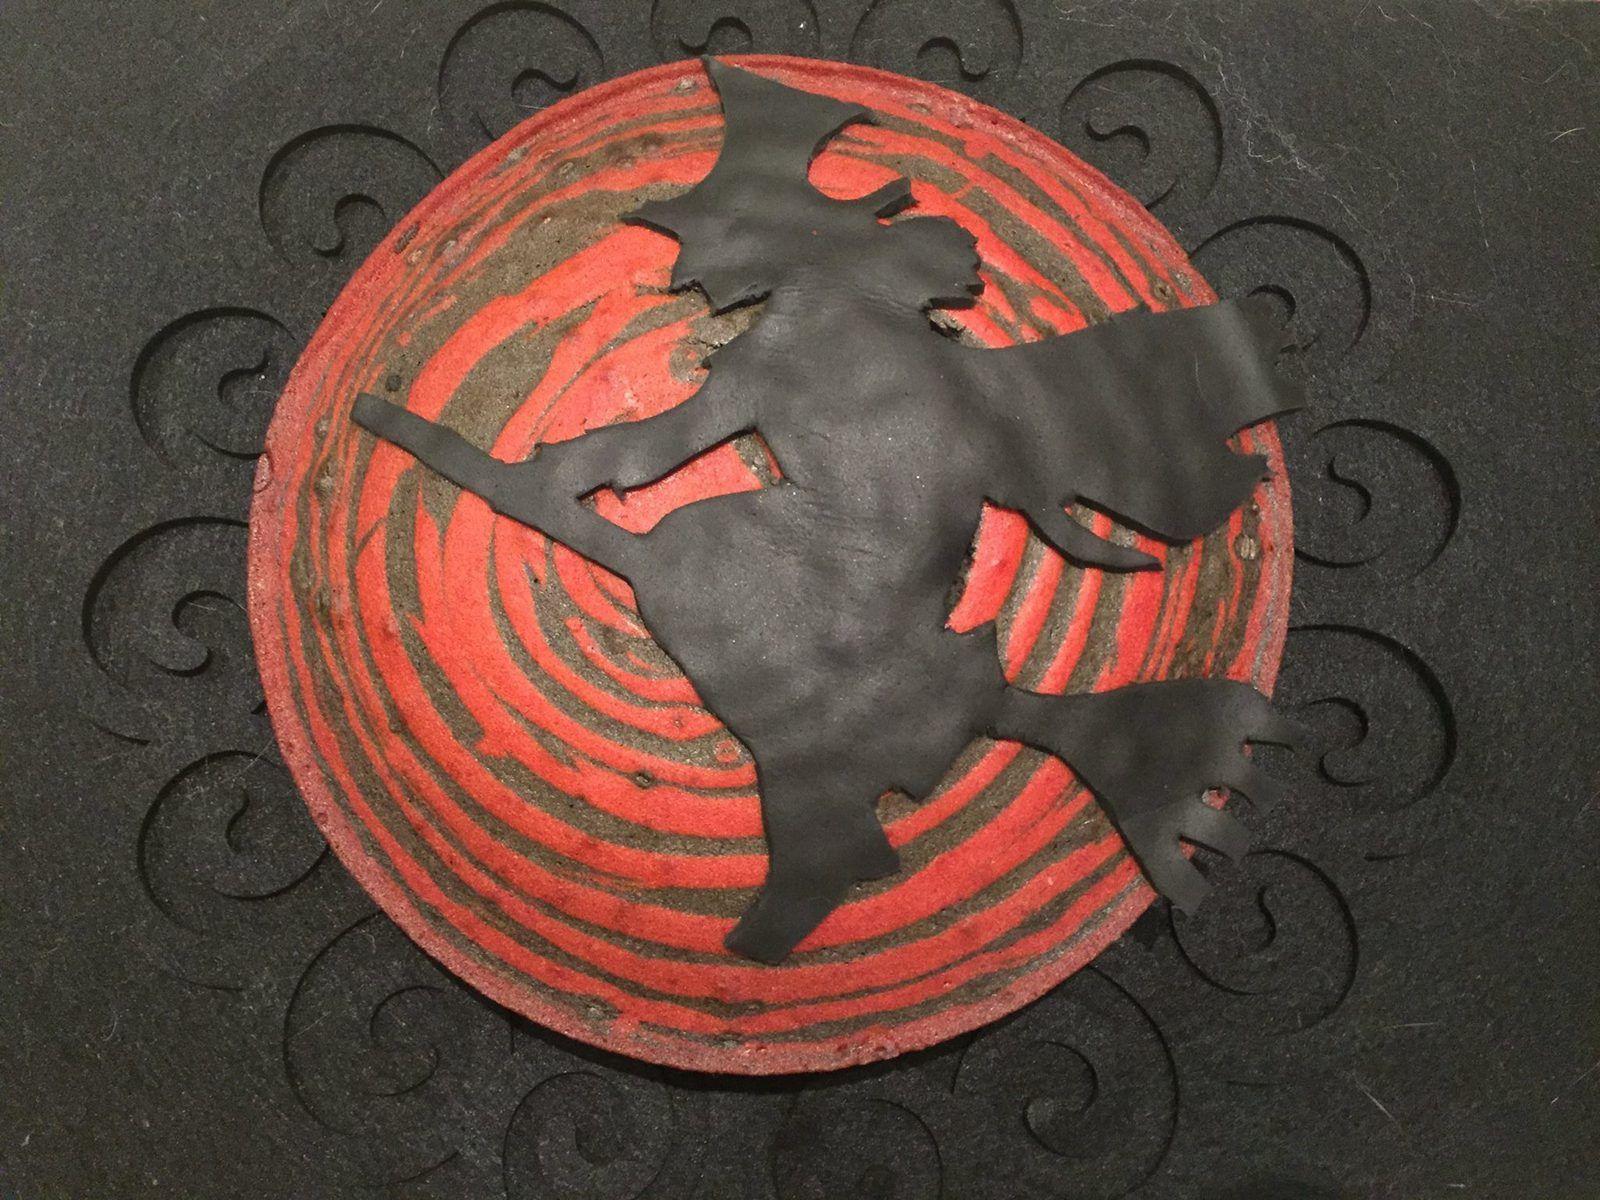 Le gâteau zébré d'Halloween ou Zebra Cake